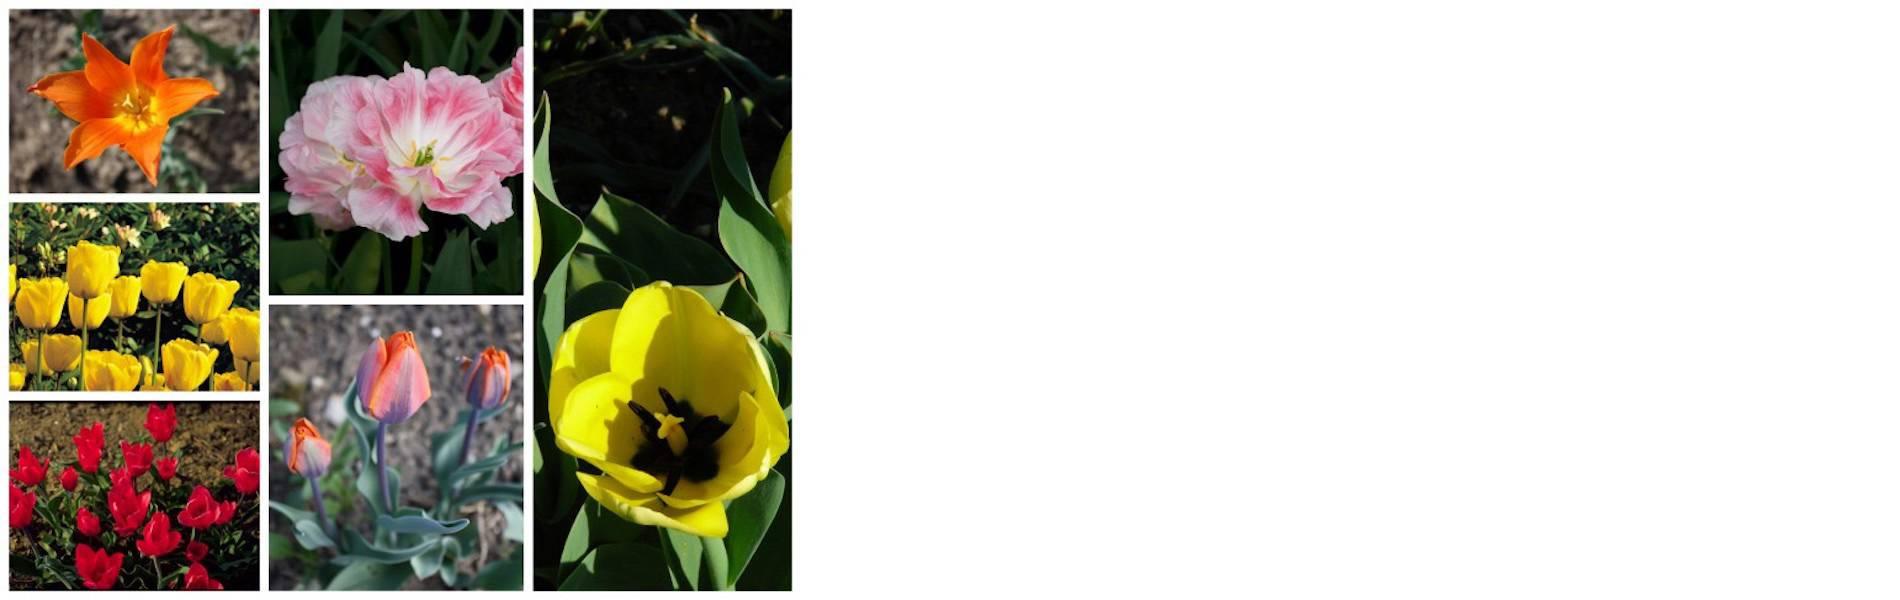 dufte-tulpen_3